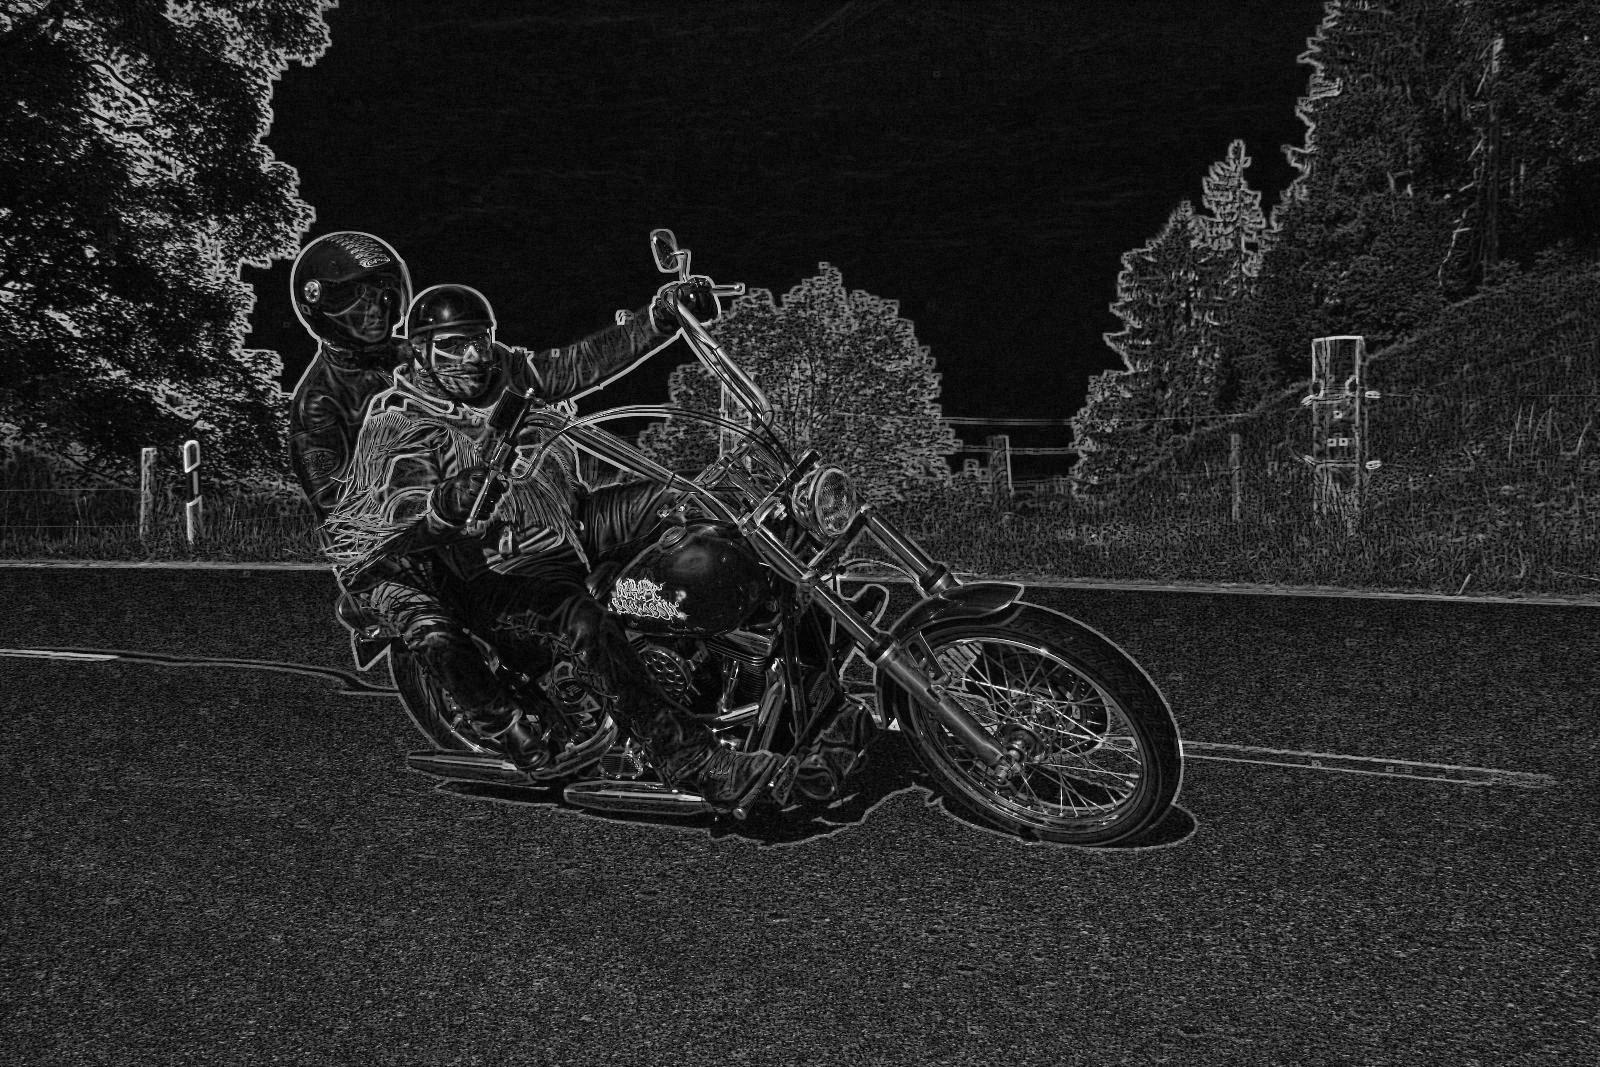 Motorrad spez